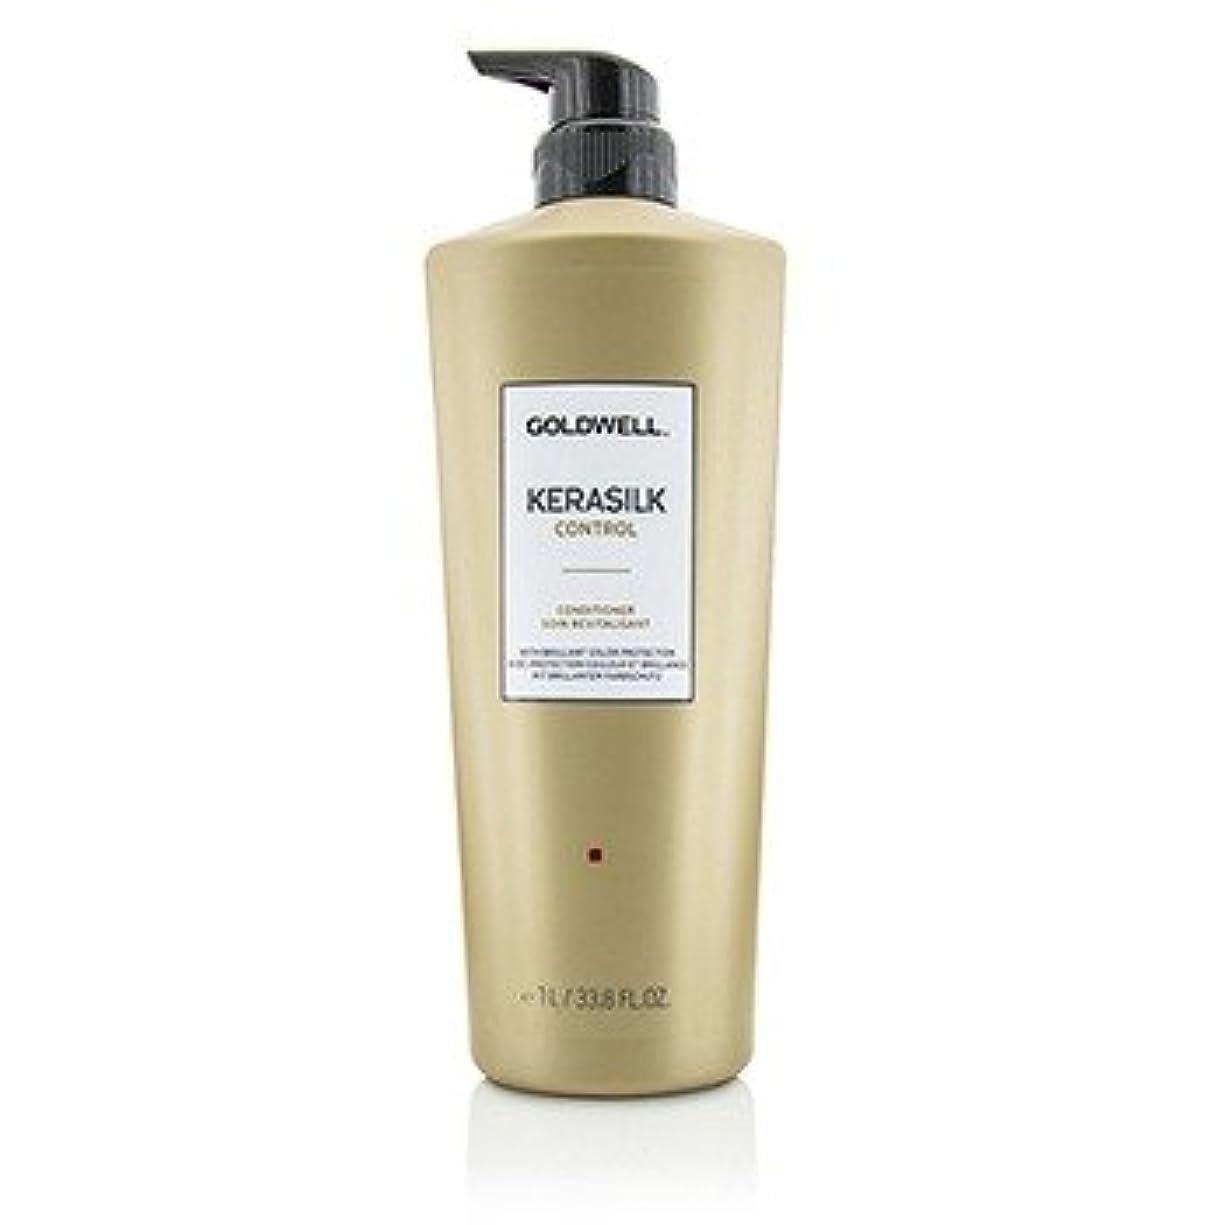 千平凡パーク[Goldwell] Kerasilk Control Conditioner (For Unmanageable Unruly and Frizzy Hair) 200ml/6.7oz